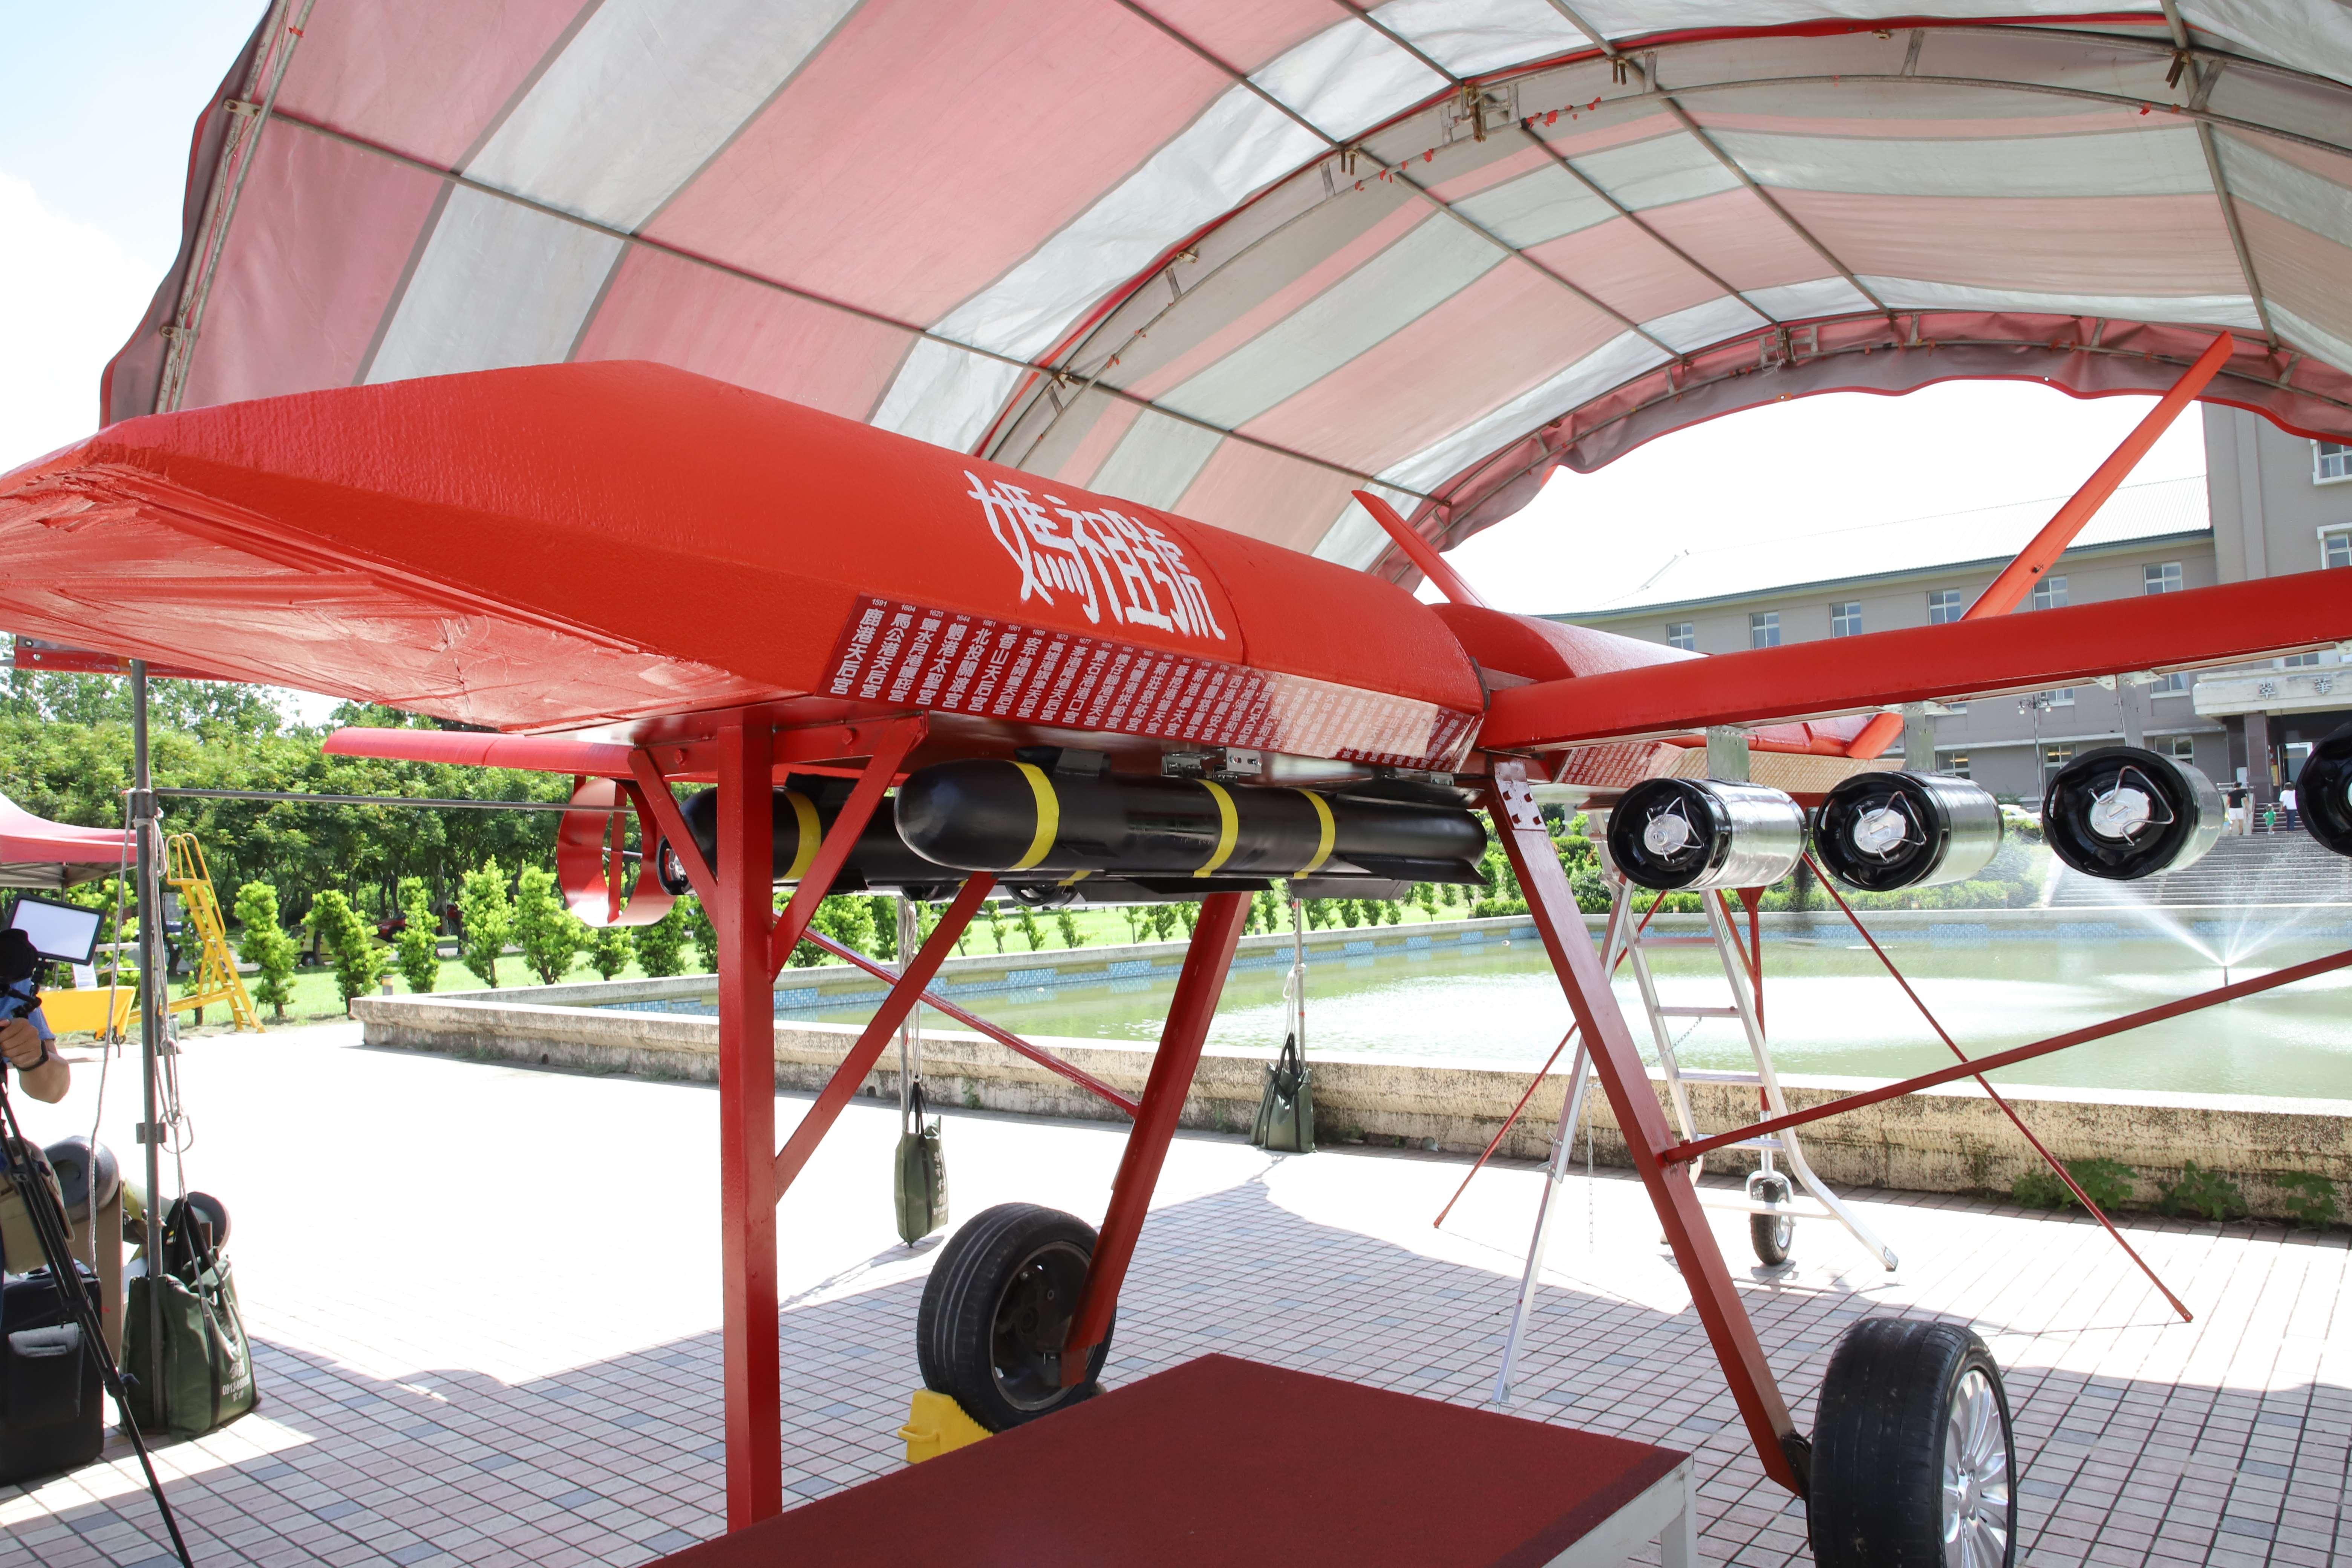 中華科技大學暨航空學院研發的超大型長程遥控無人飛機「媽祖號」